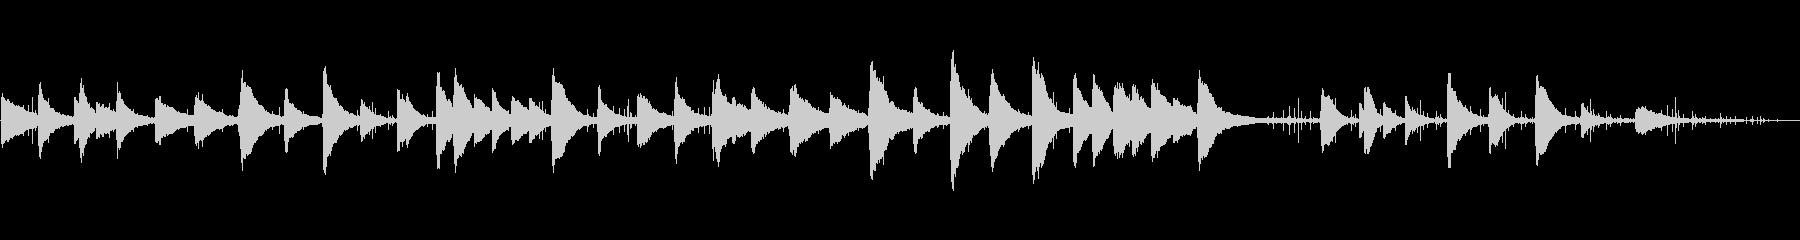 回想ピアノクラシックな歴史音源ノイズ調の未再生の波形